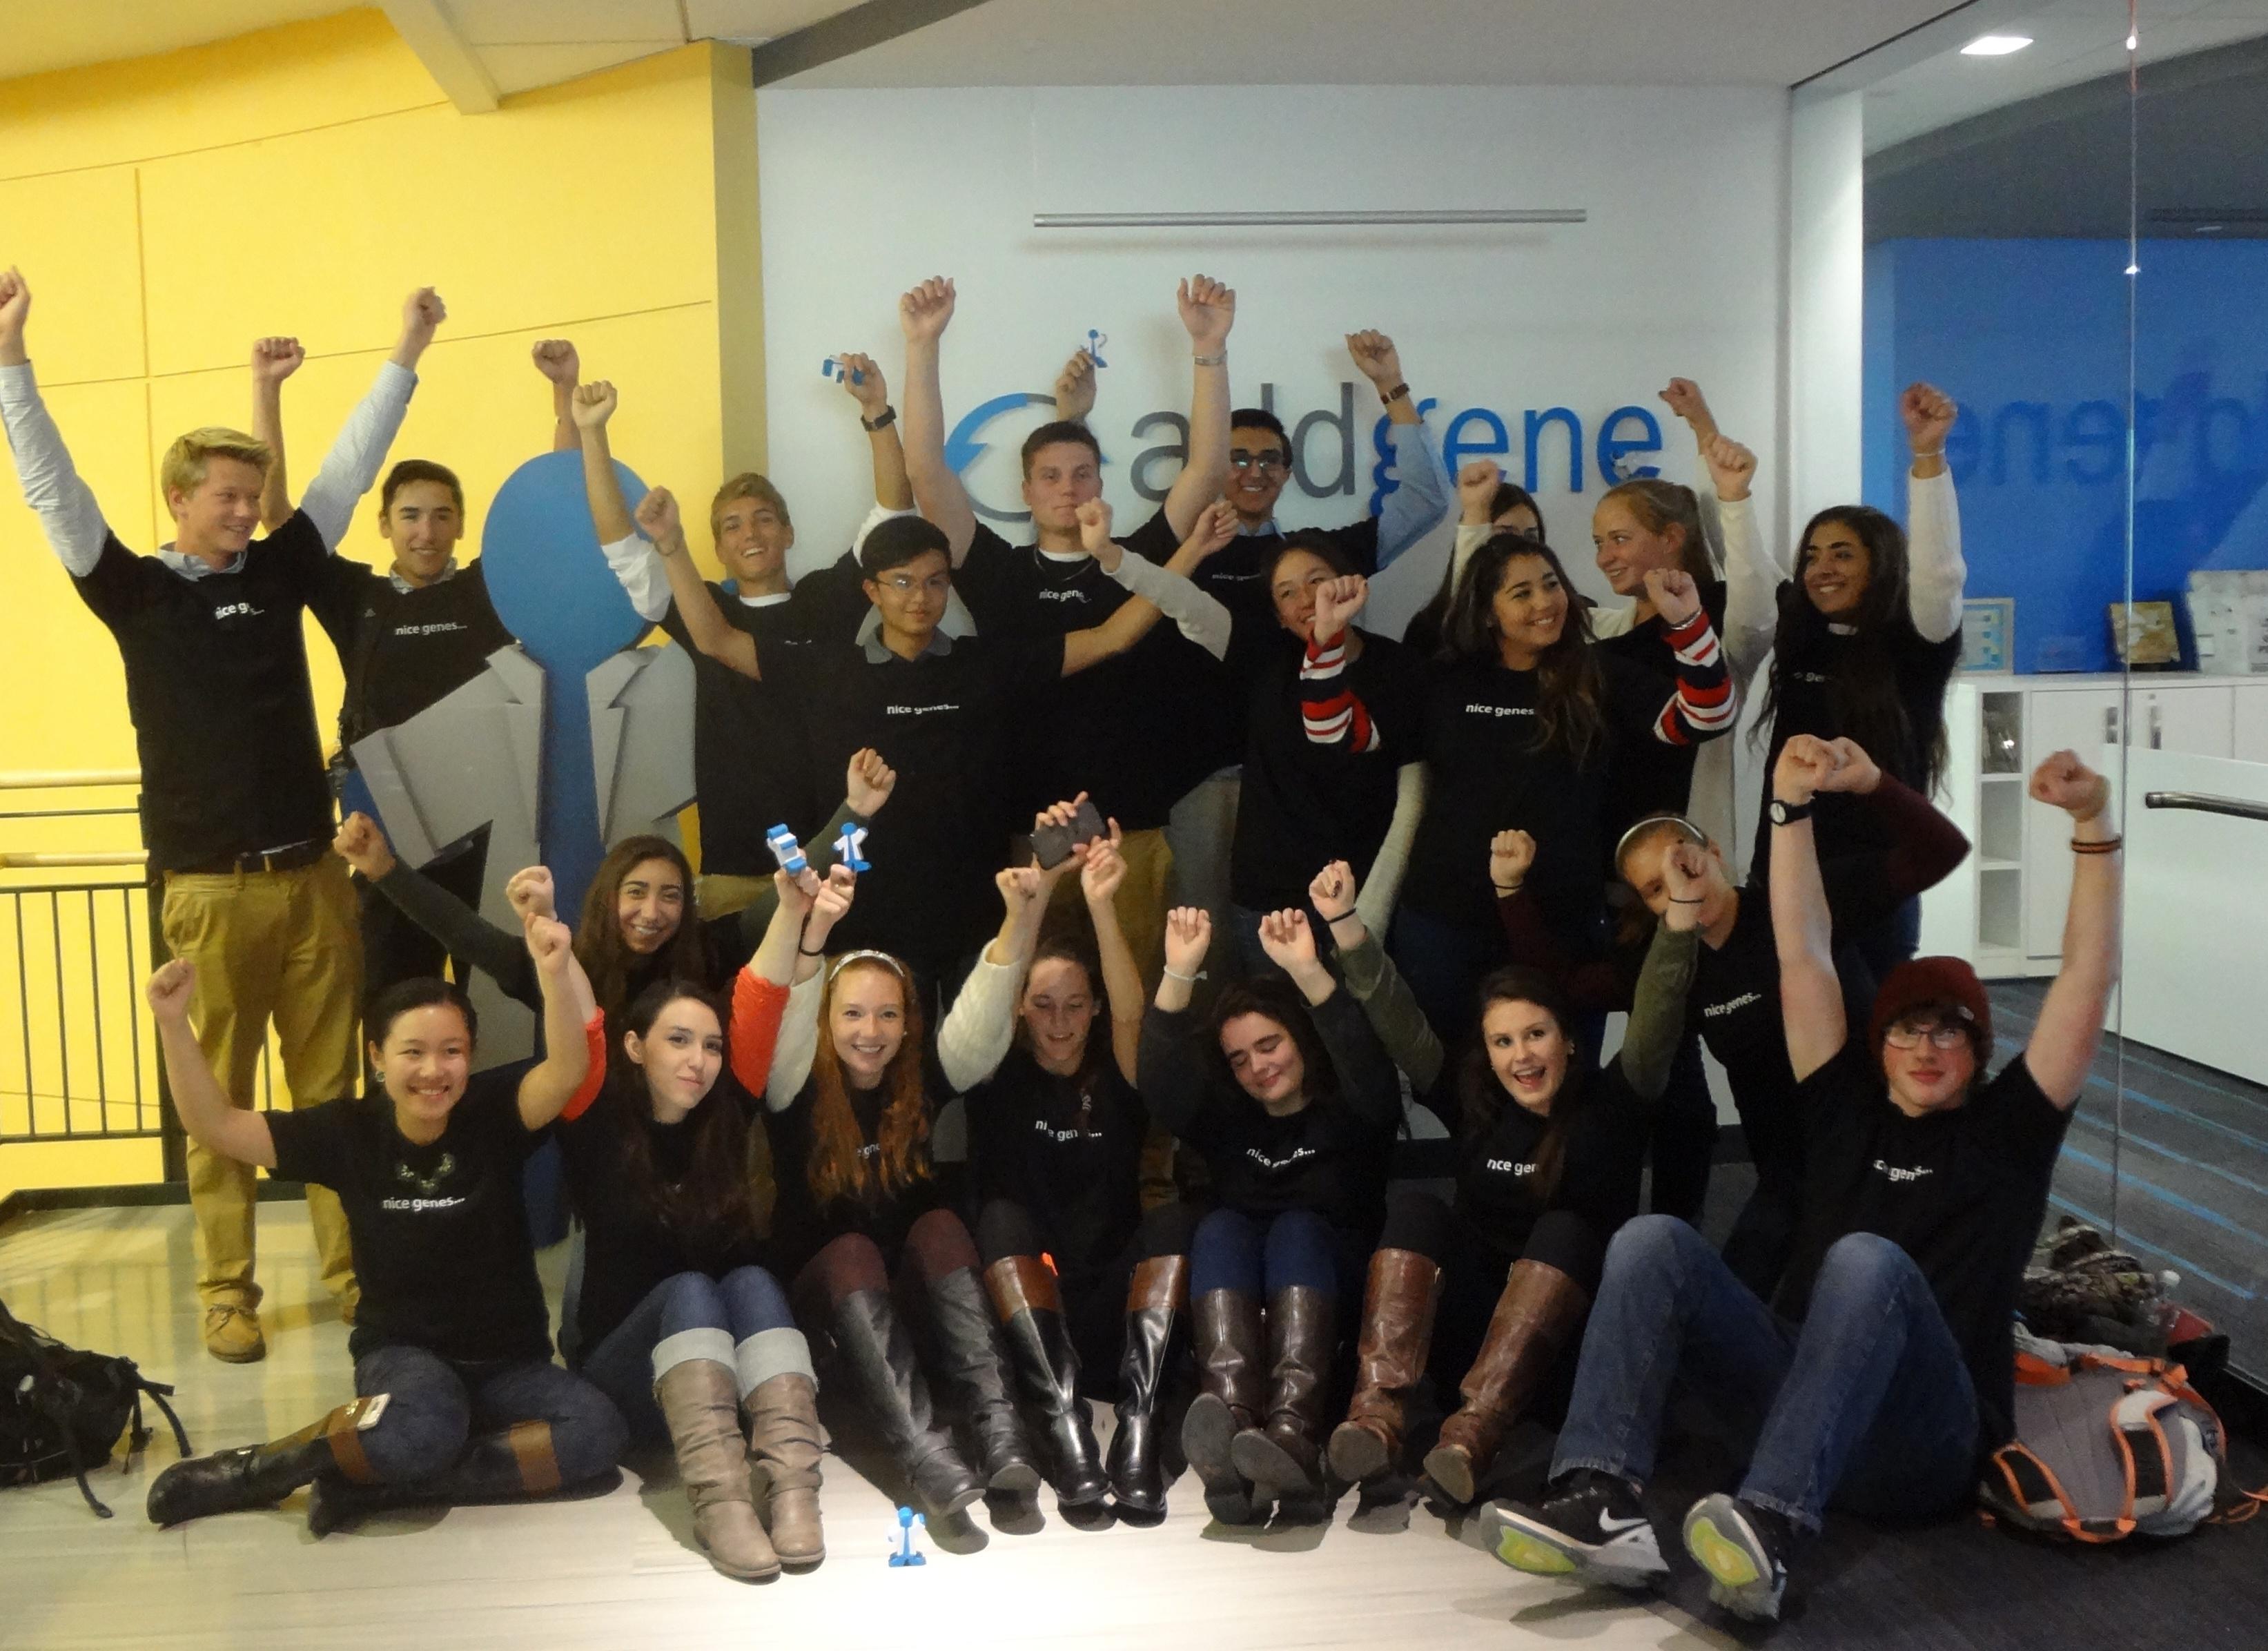 MassBioEd Students posing with Bluegene